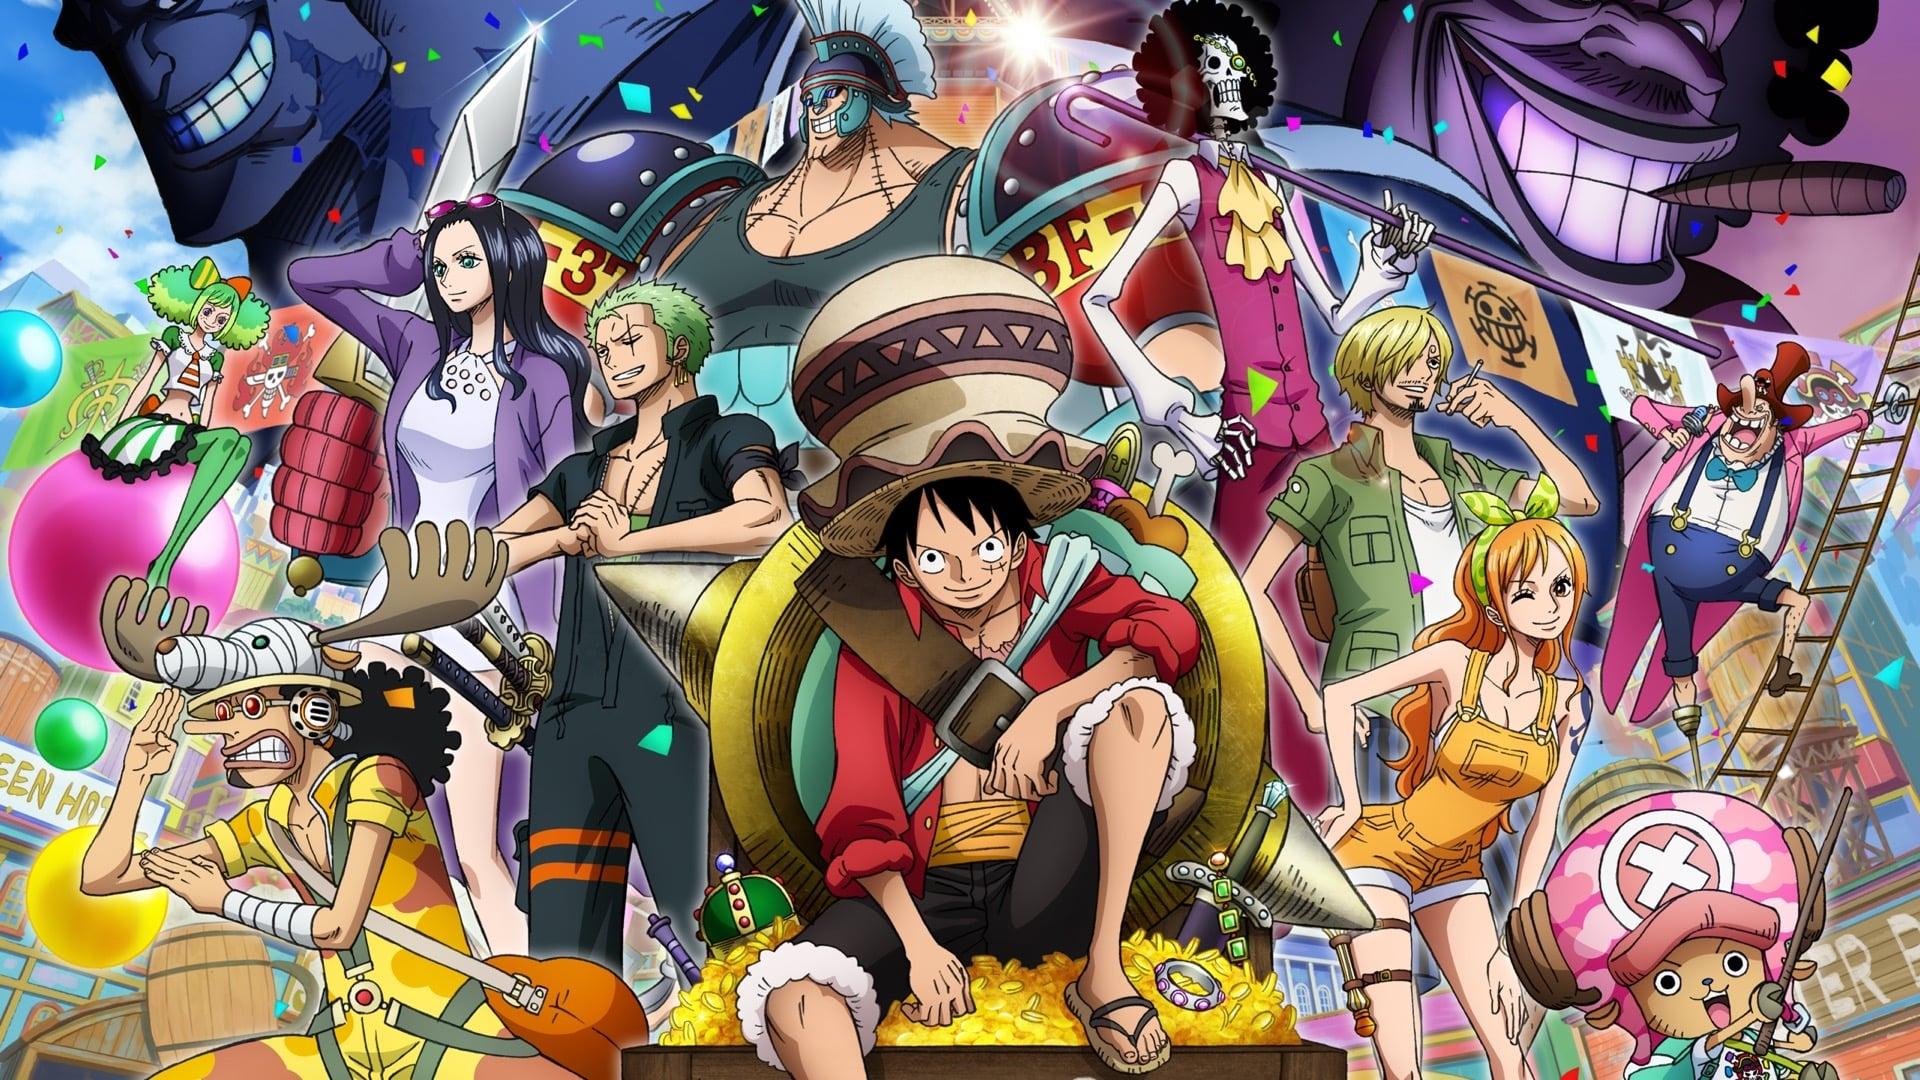 فيلم One Piece Stampede تتخطى إيراداته الـ 10 مليار ين على المستوى العالمي شبكة أنمي ماستر أخبار الأنمي مراجعات ومقالات